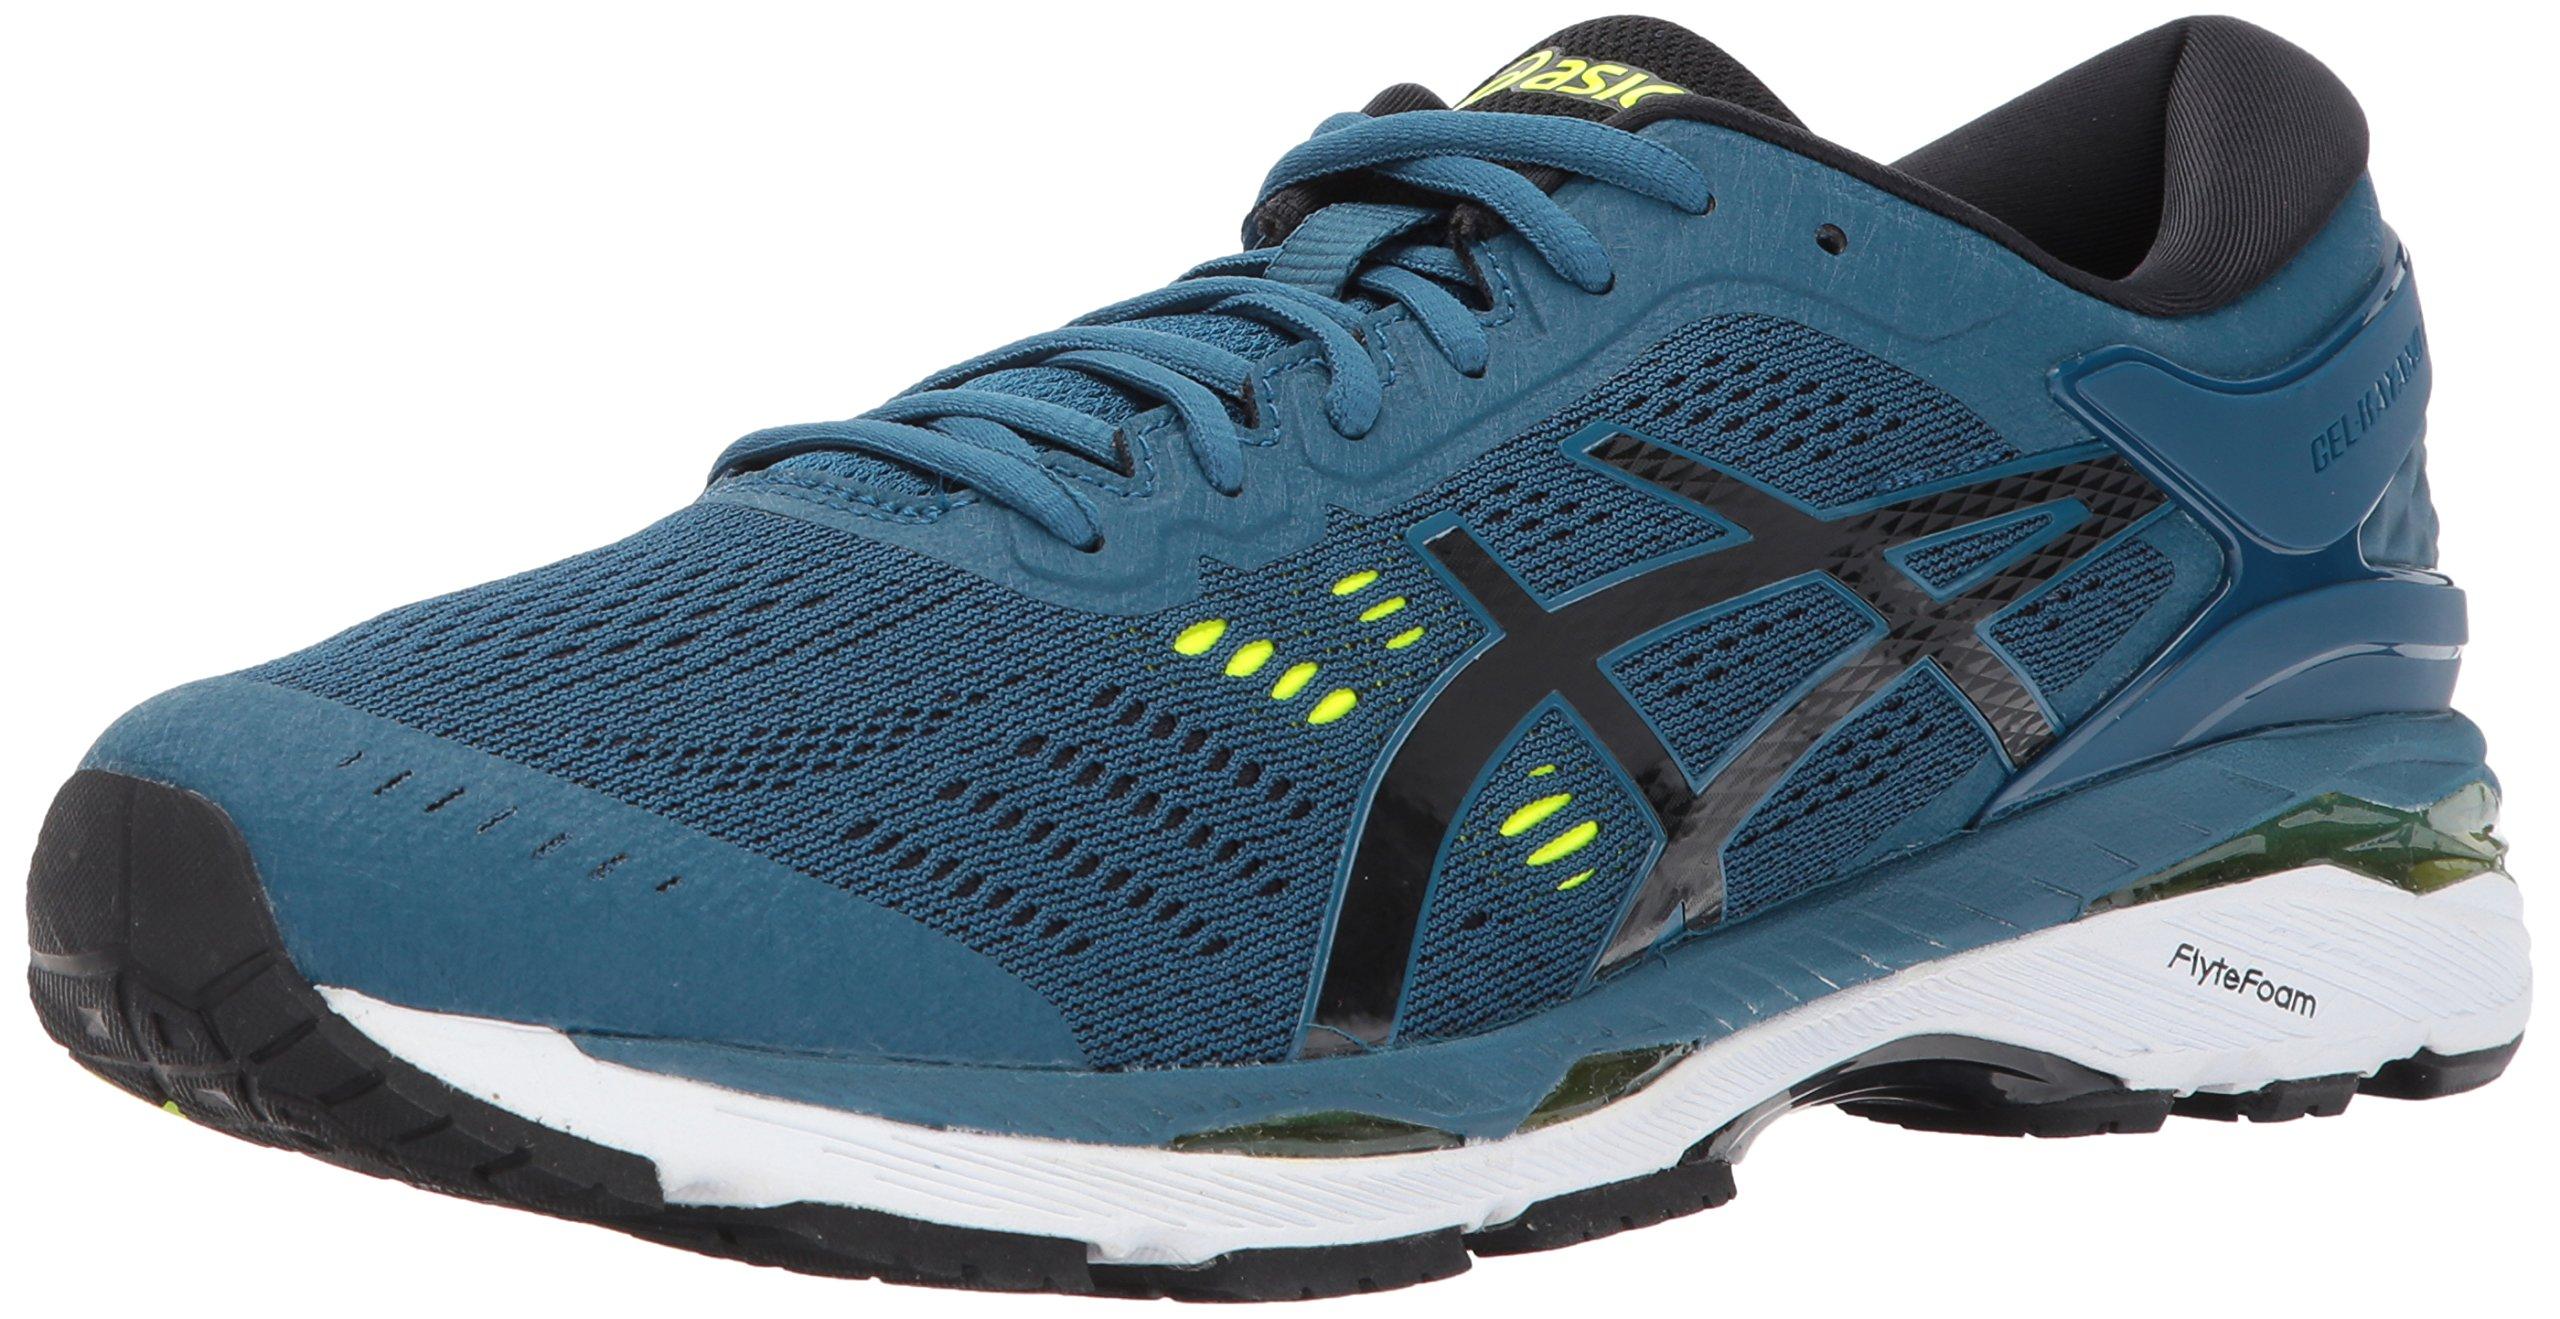 ASICS Mens Gel-Kayano 24 Running Shoe, Ink Blue/Black/Safety Yellow, 6.5 Medium US